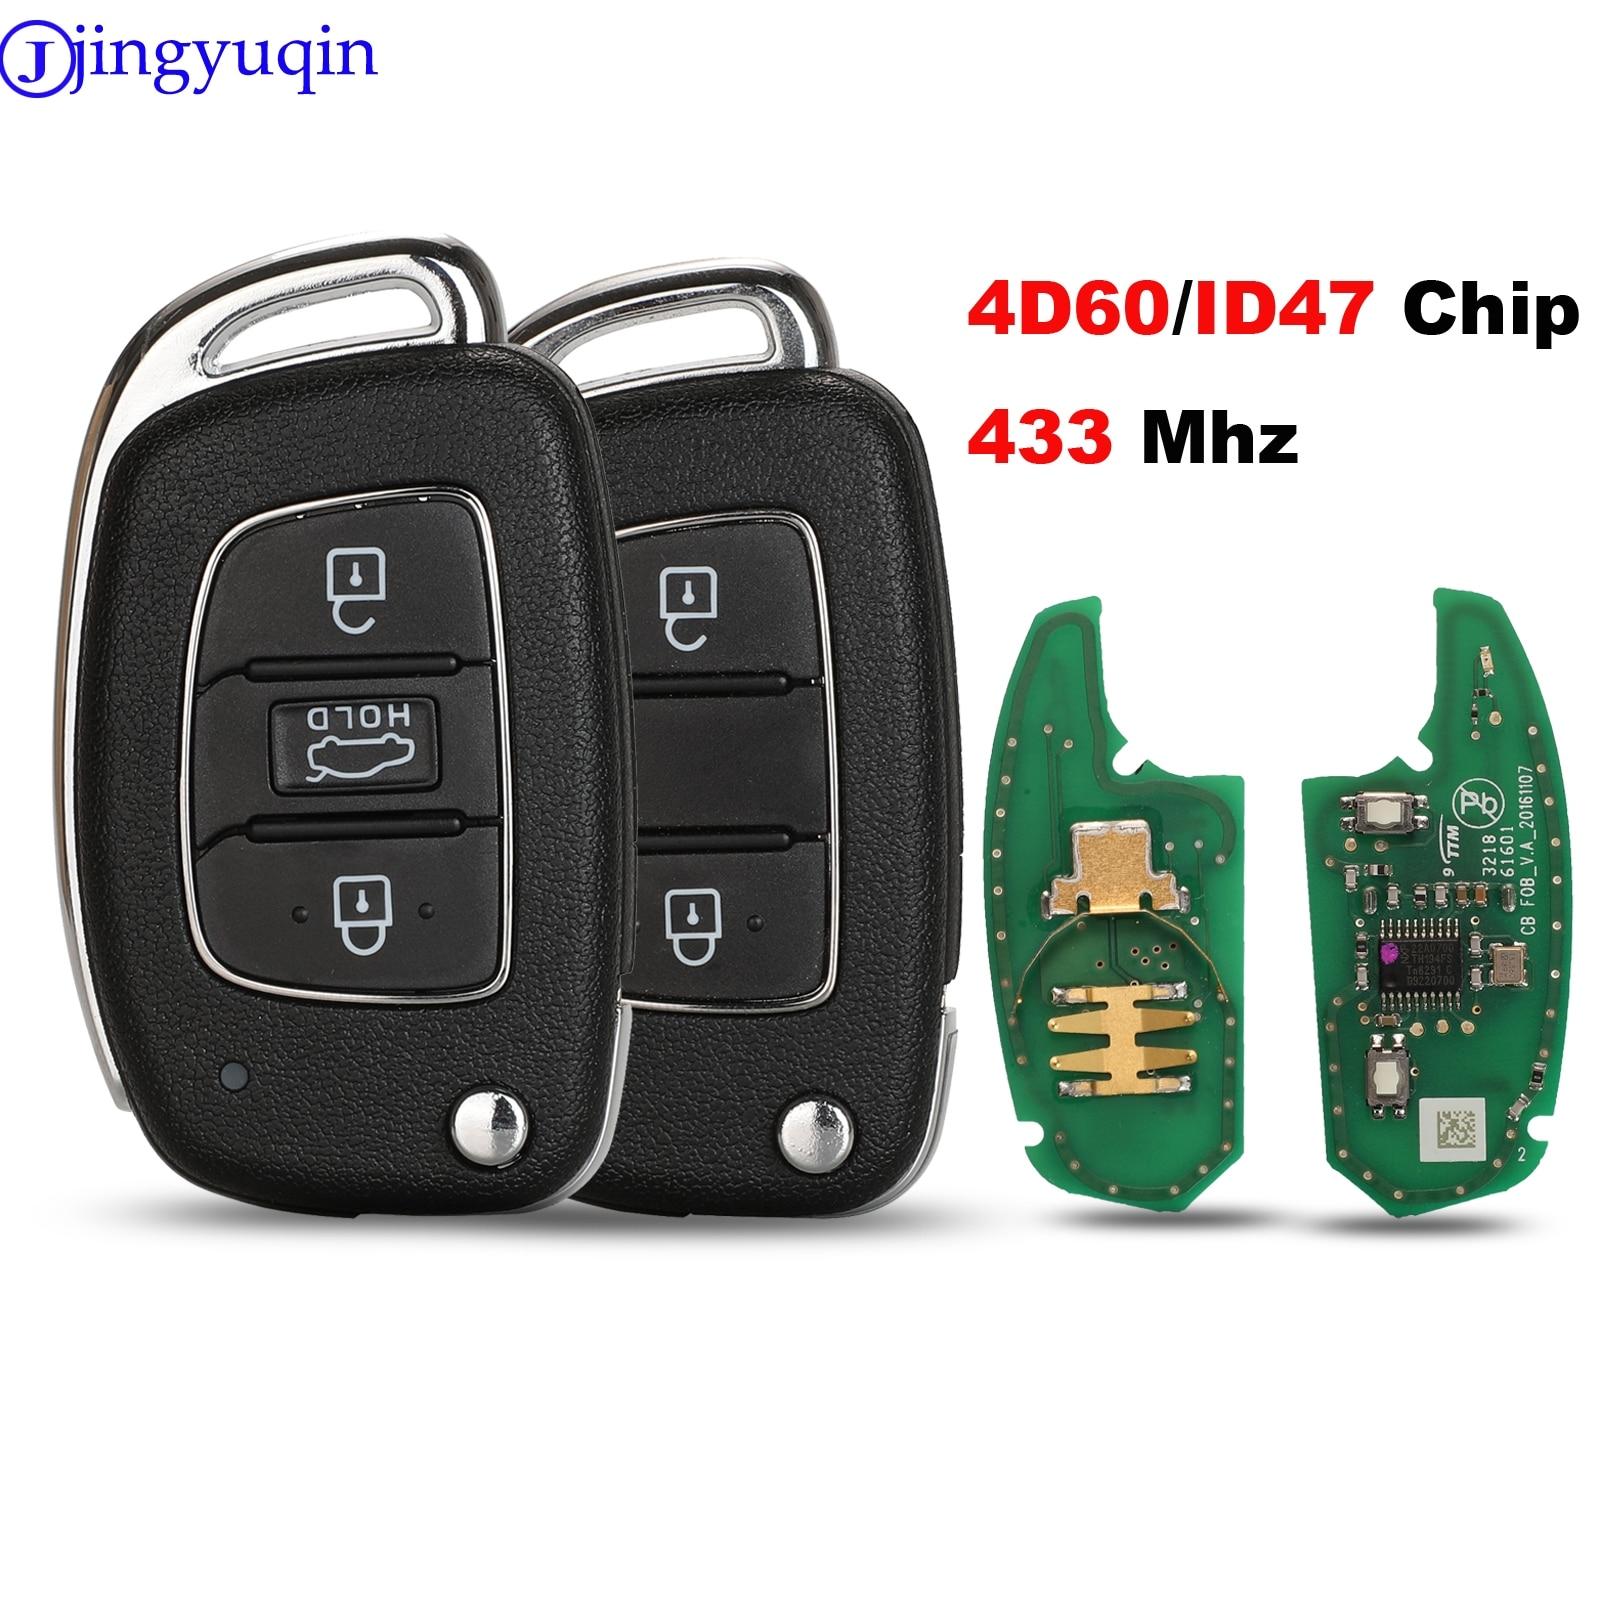 Jingyuqin 434MHZ Com Chip de ID47 2B Controle Remoto da Chave Do Carro Para Hyundai Verna Elantra Reina ix25 Novo 2017